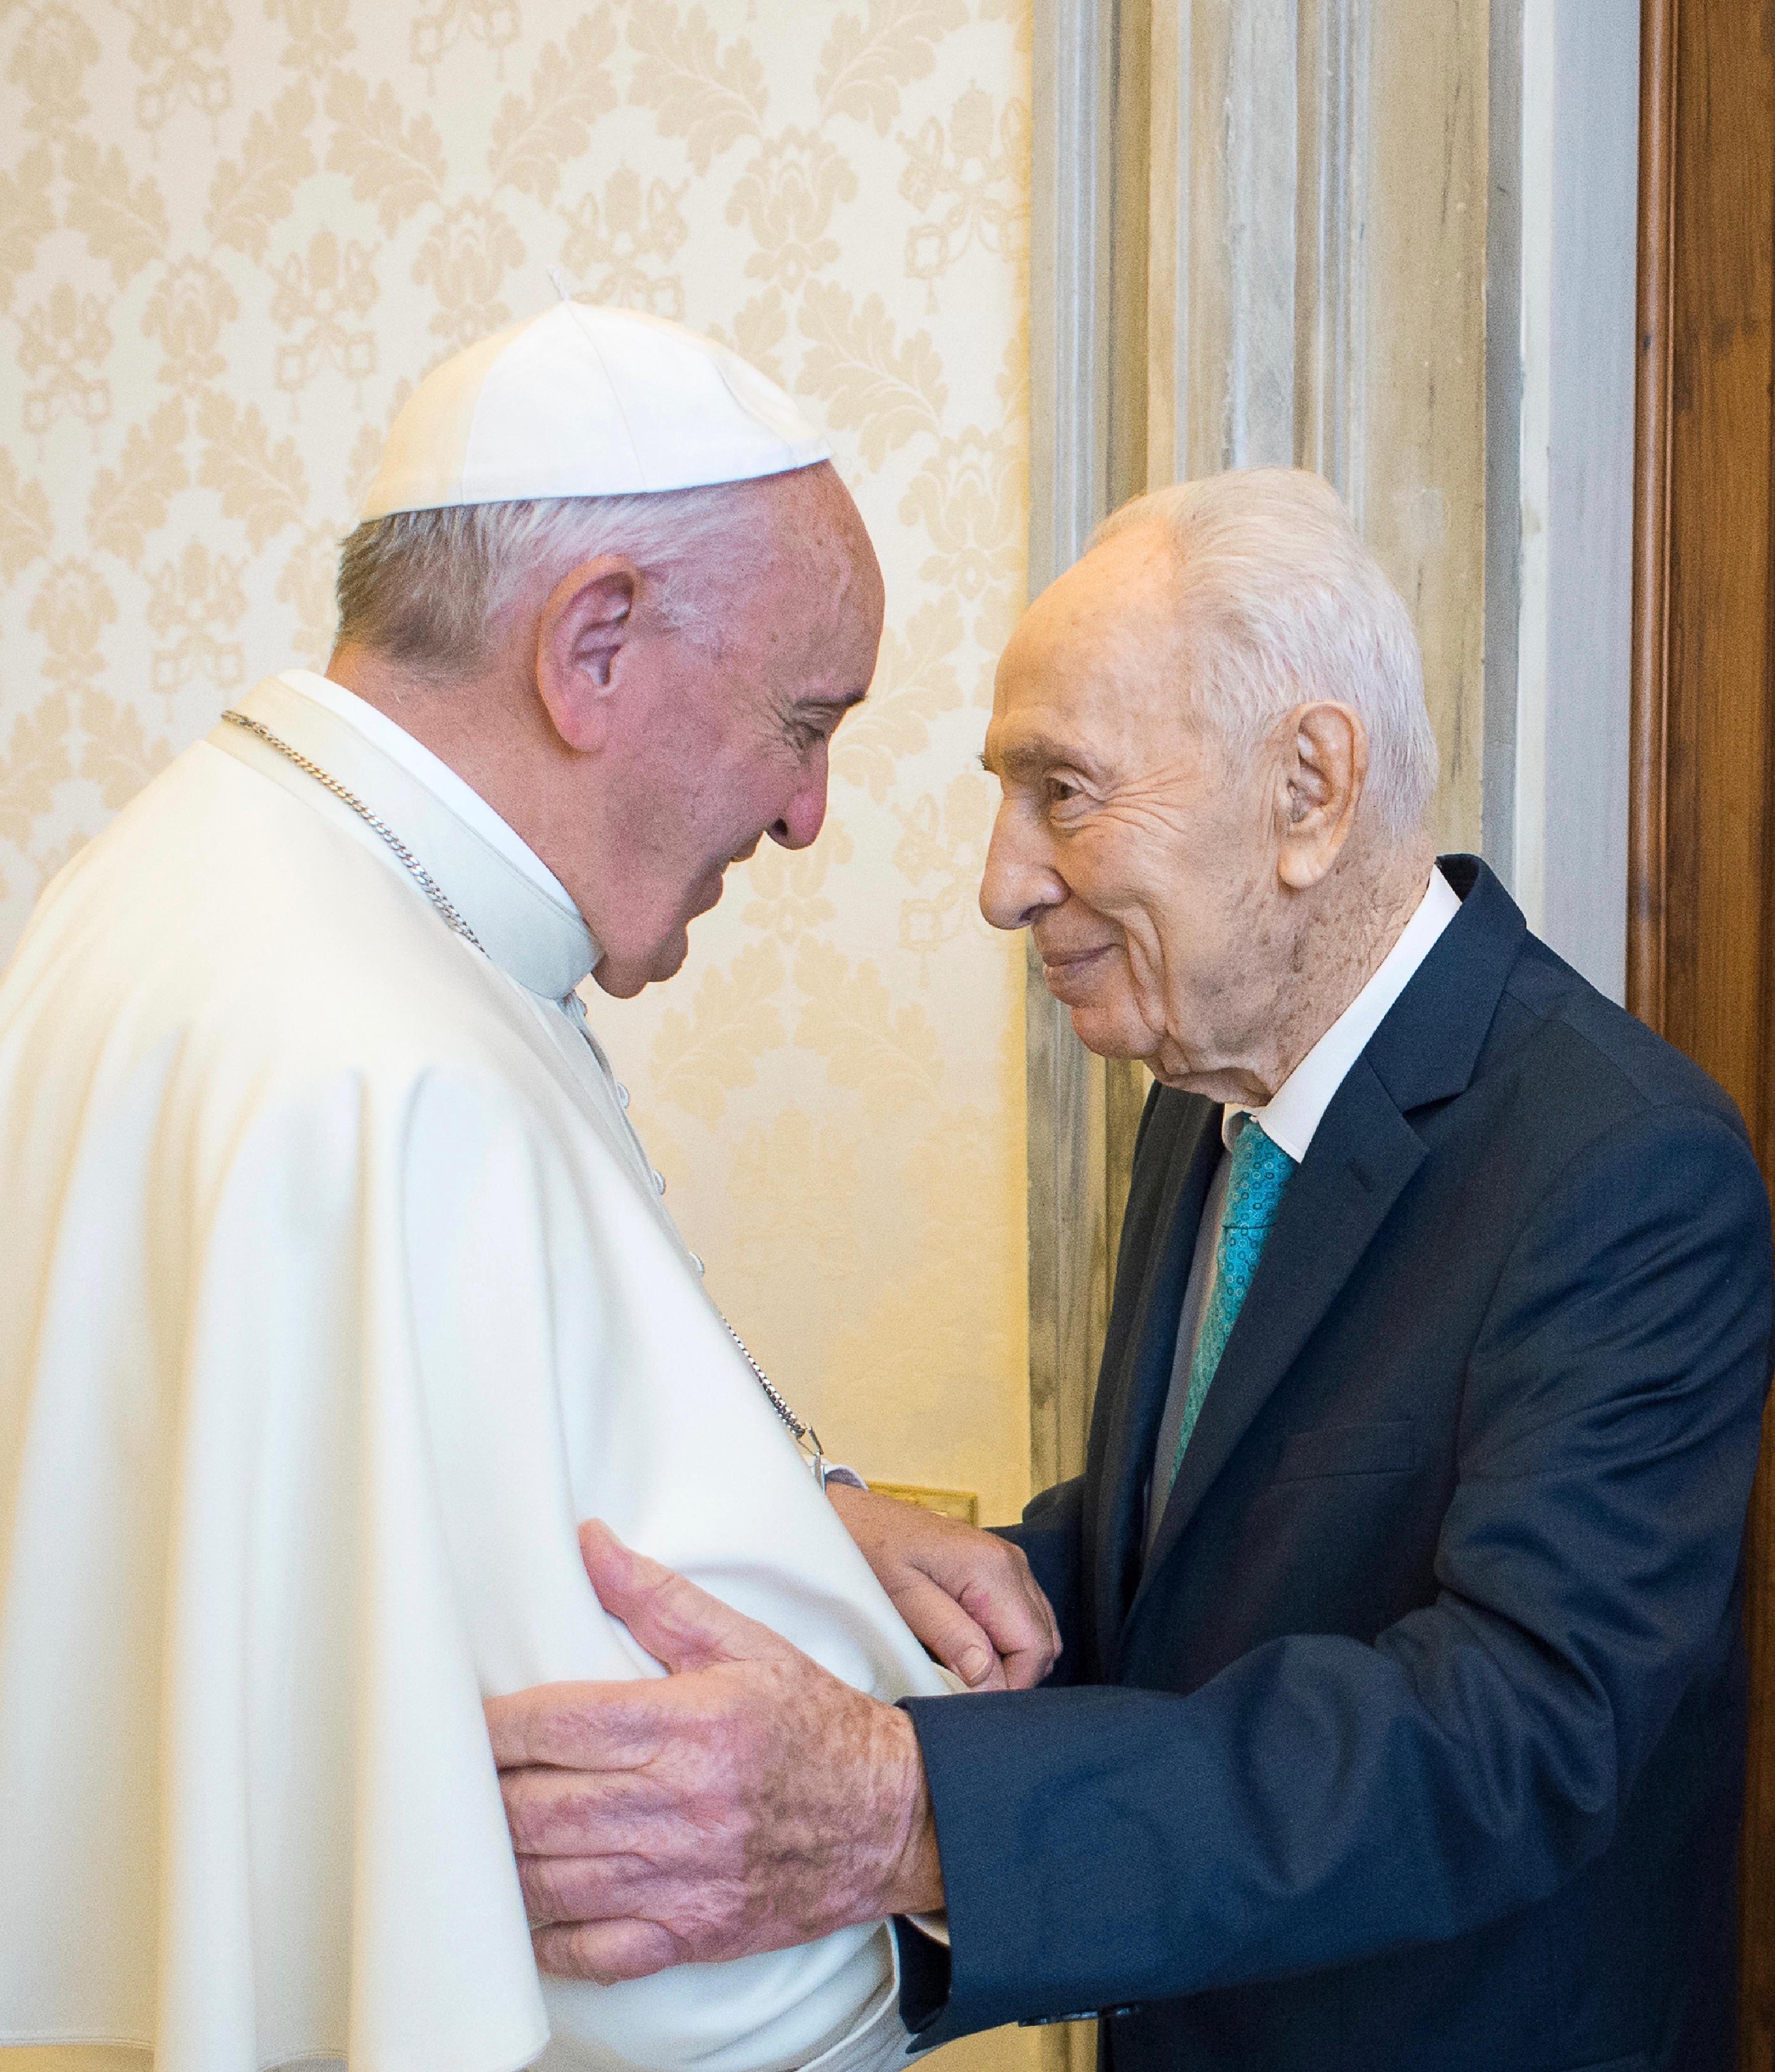 Le président Shimon Peres reçu par le pape François, 20 juin 2016